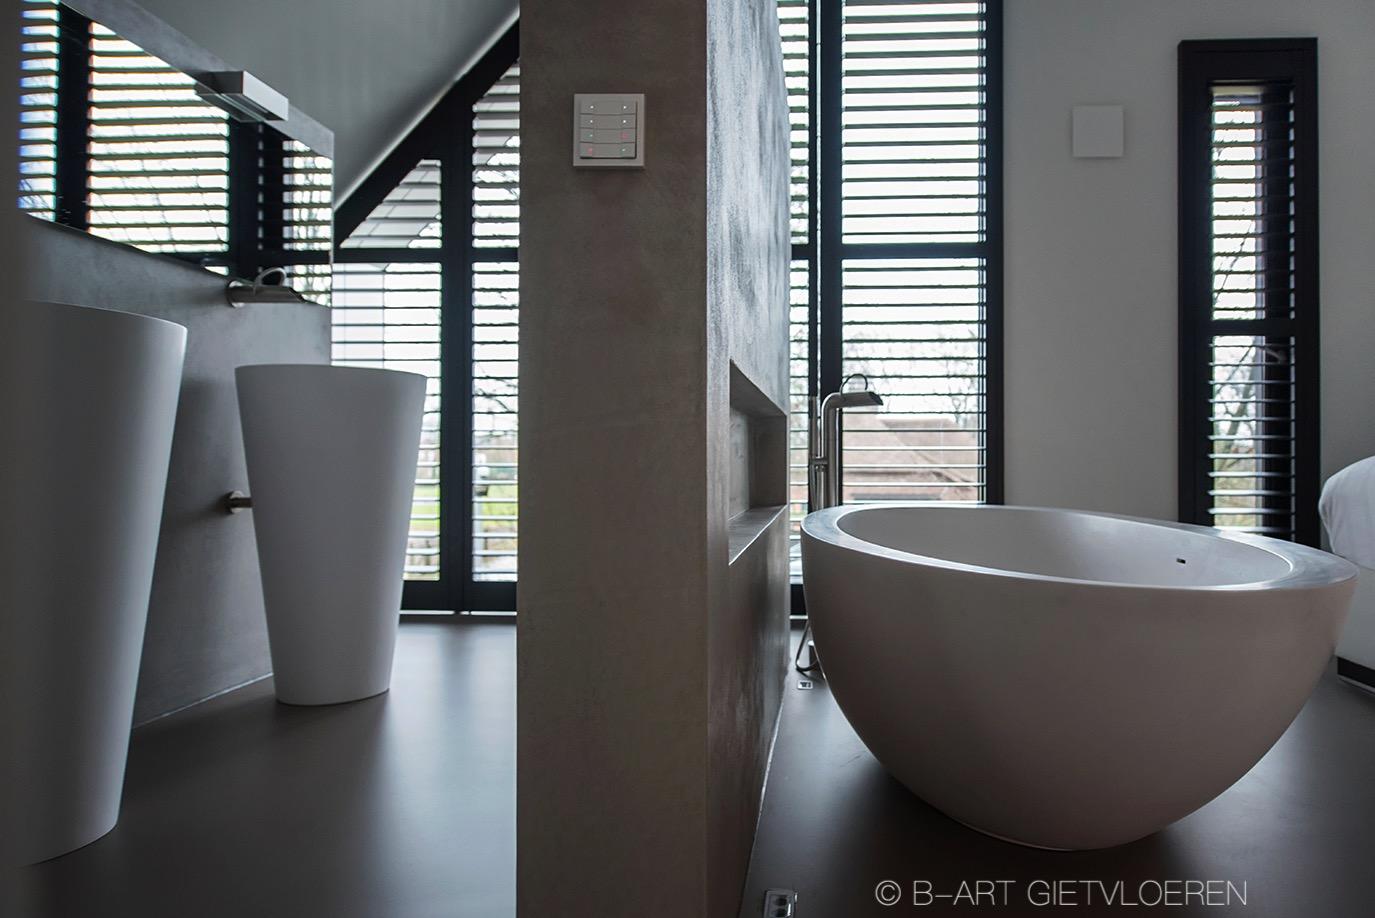 Polyurethaan gietvloer naadloos doorleggen van badkamer naar slaapkamer